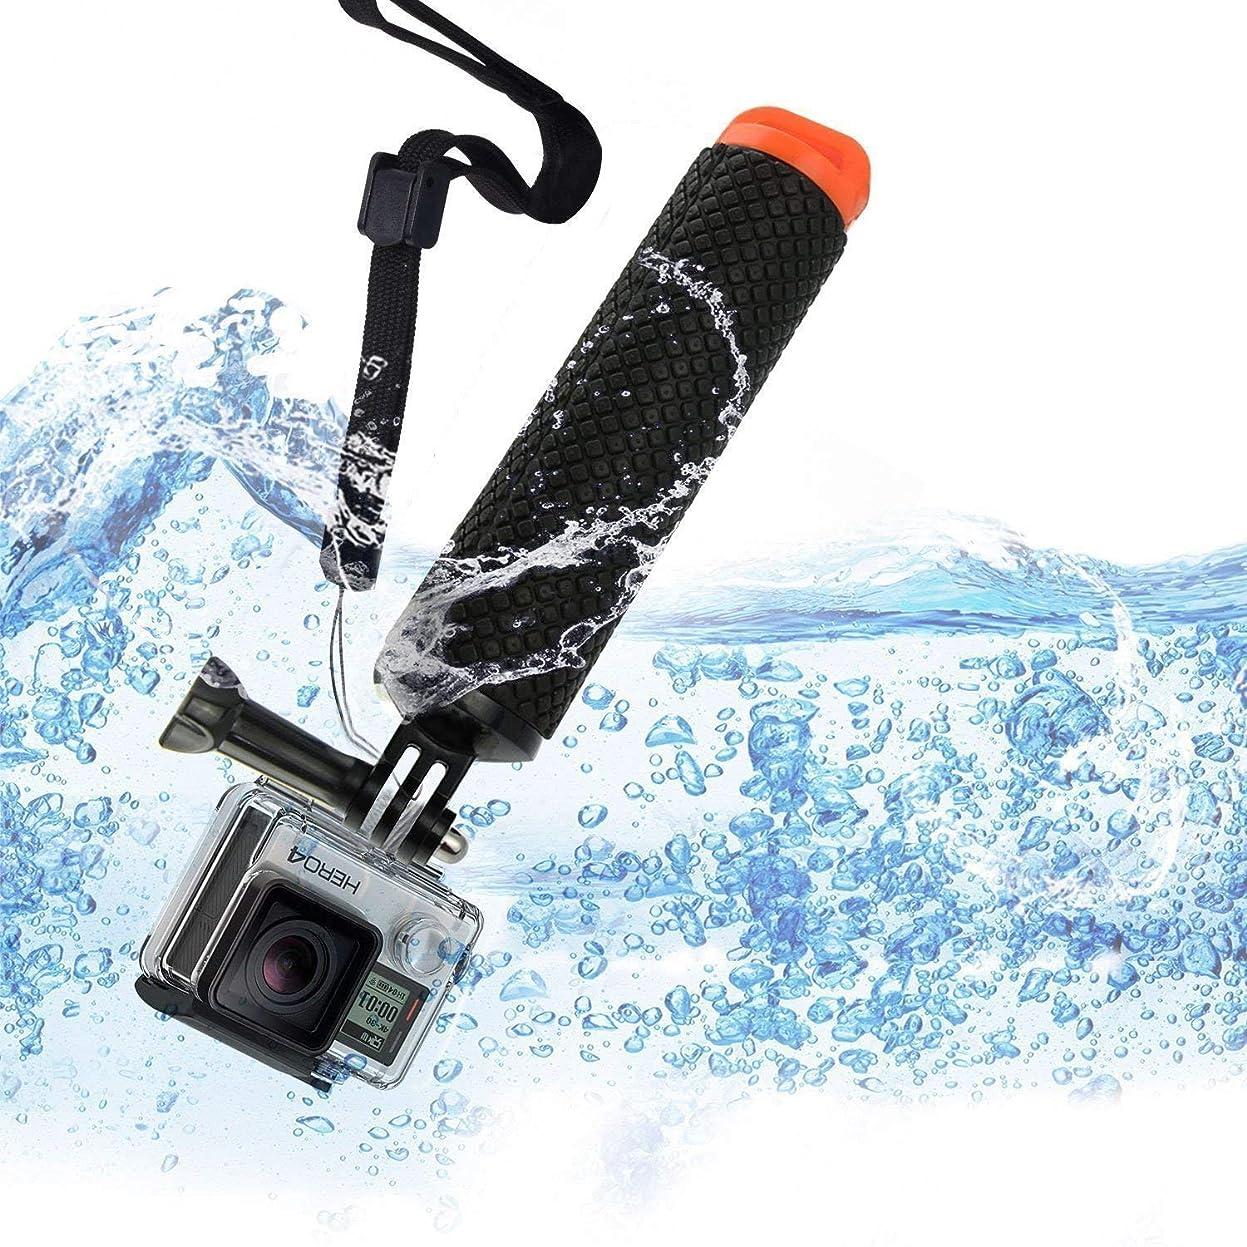 Gopro 浮力スポンジ フローティング スティック 一脚グリップ カメラグリップ ストレージ機能付き リストバンド付き 自撮り棒 フロートグリップ ネジ&腕ストラップ付き